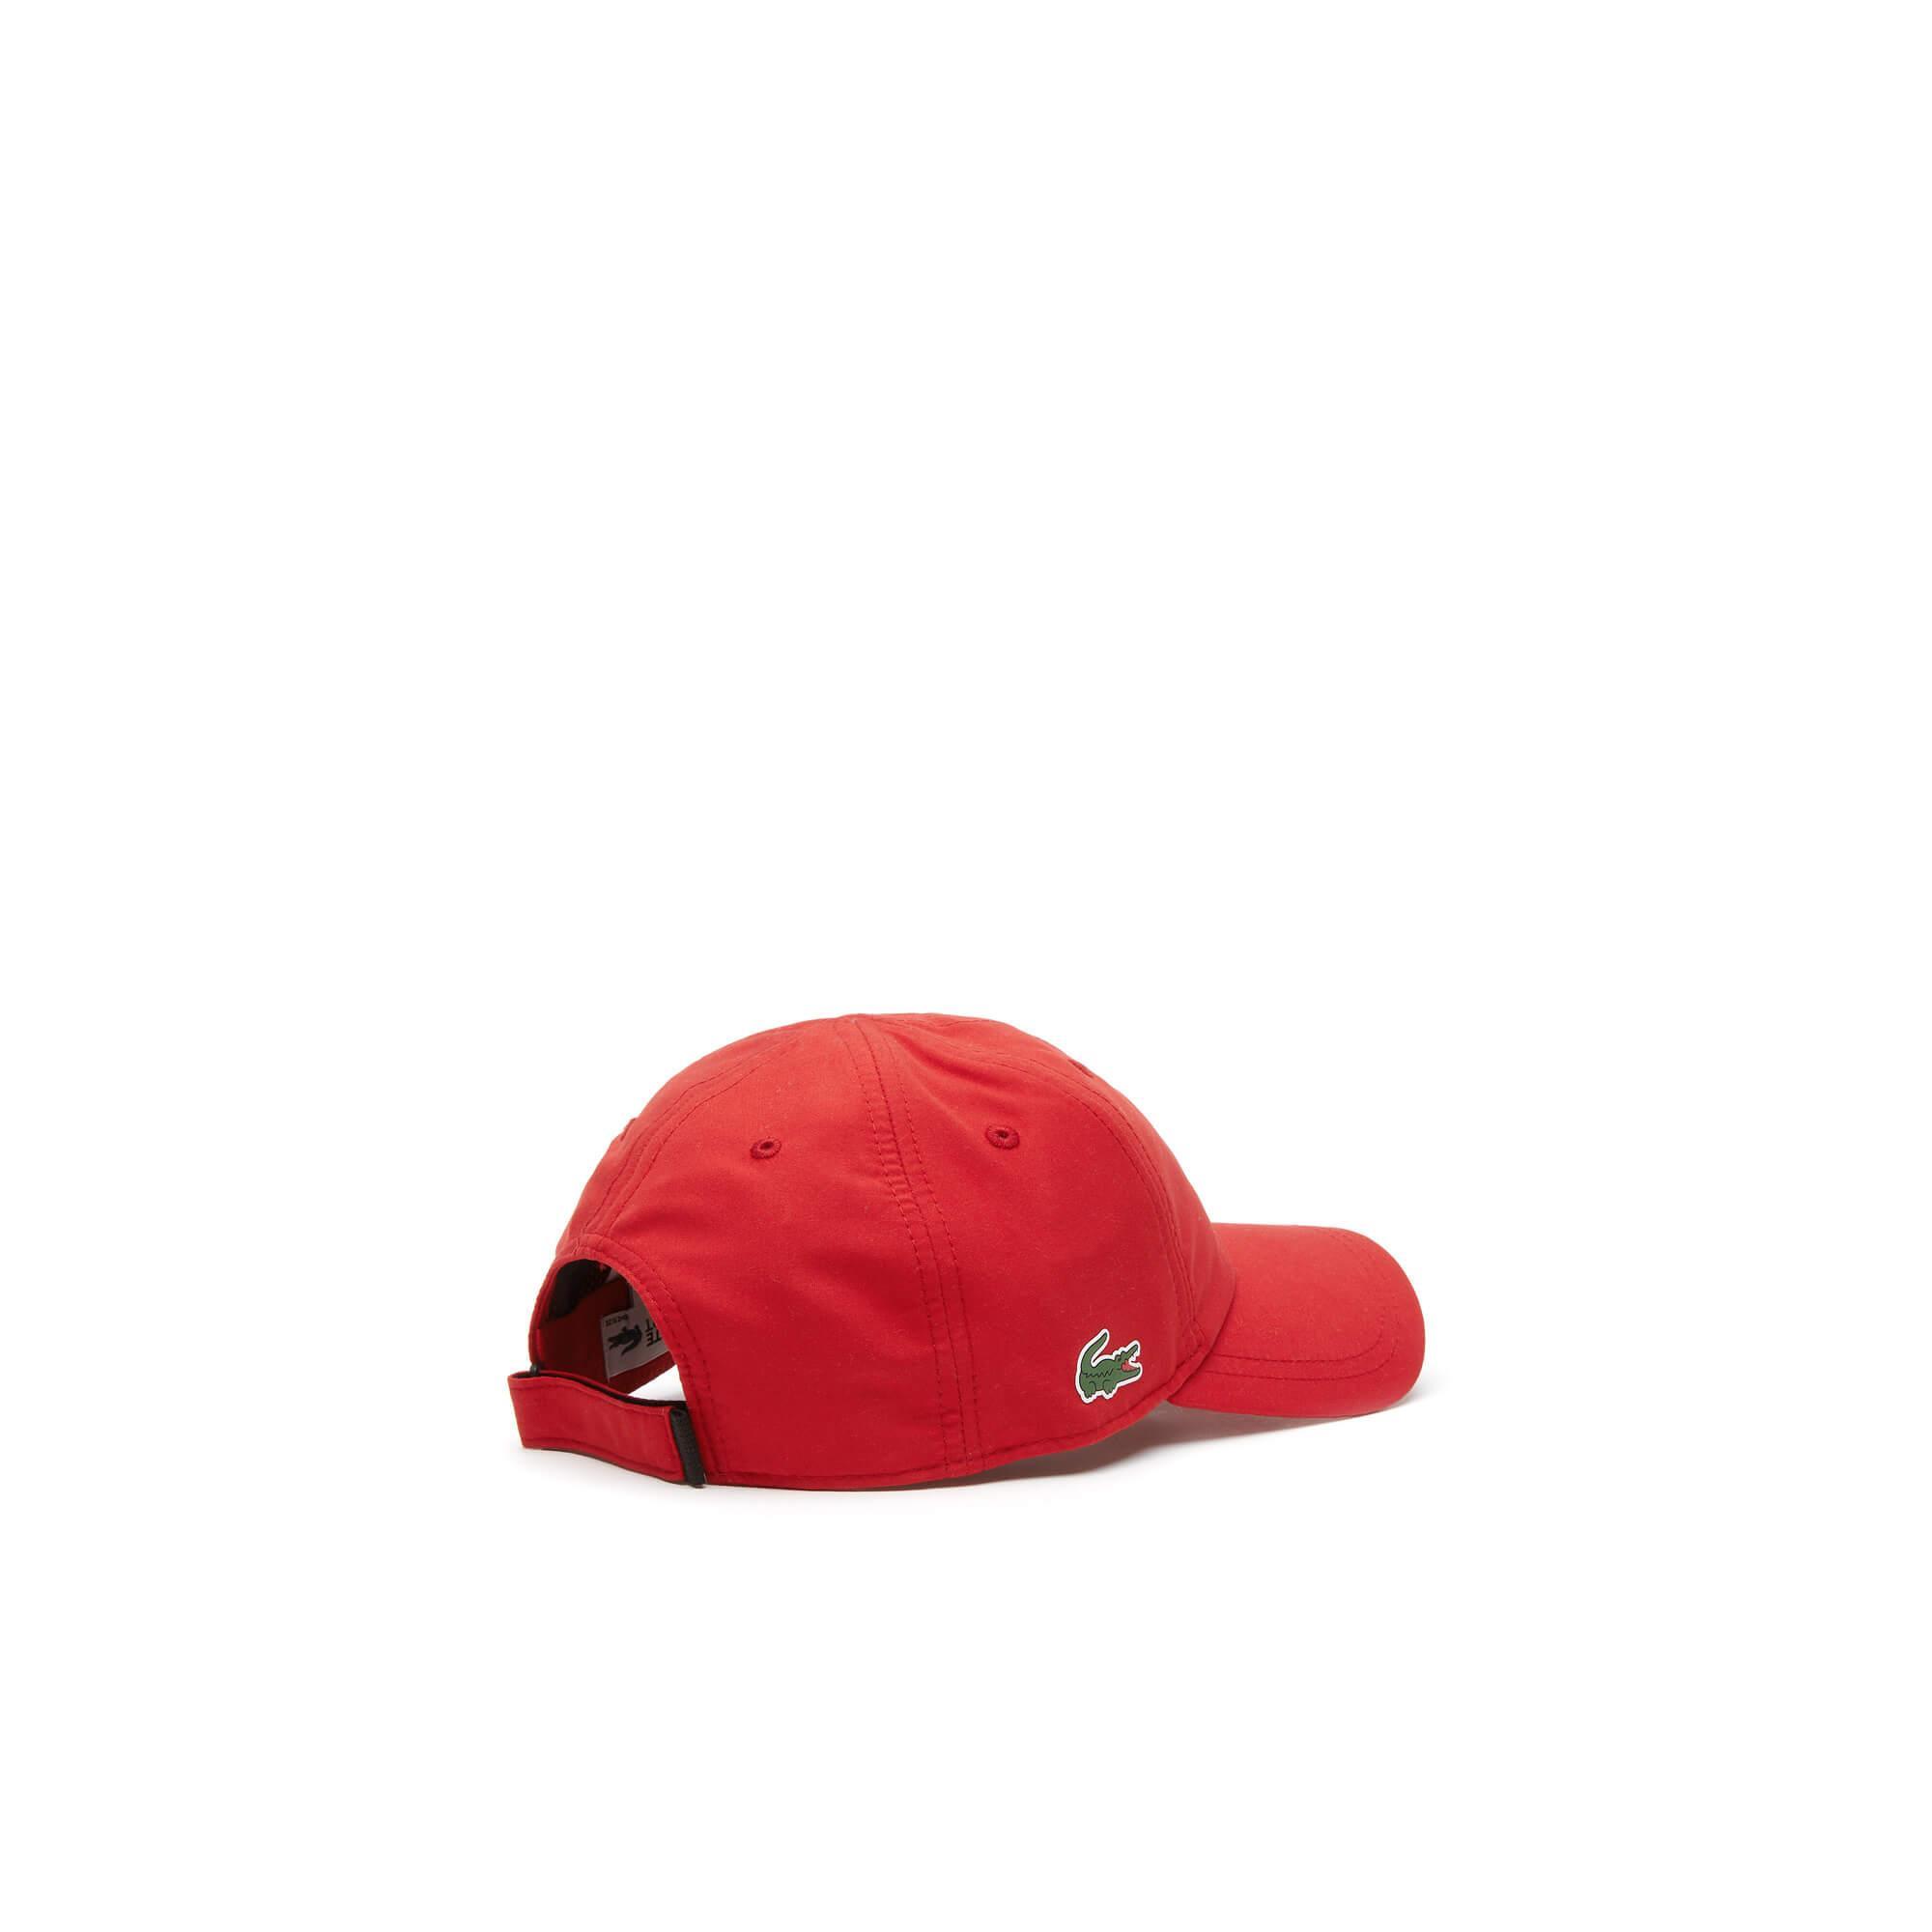 Lacoste Erkek Kırmızı Spor Şapka